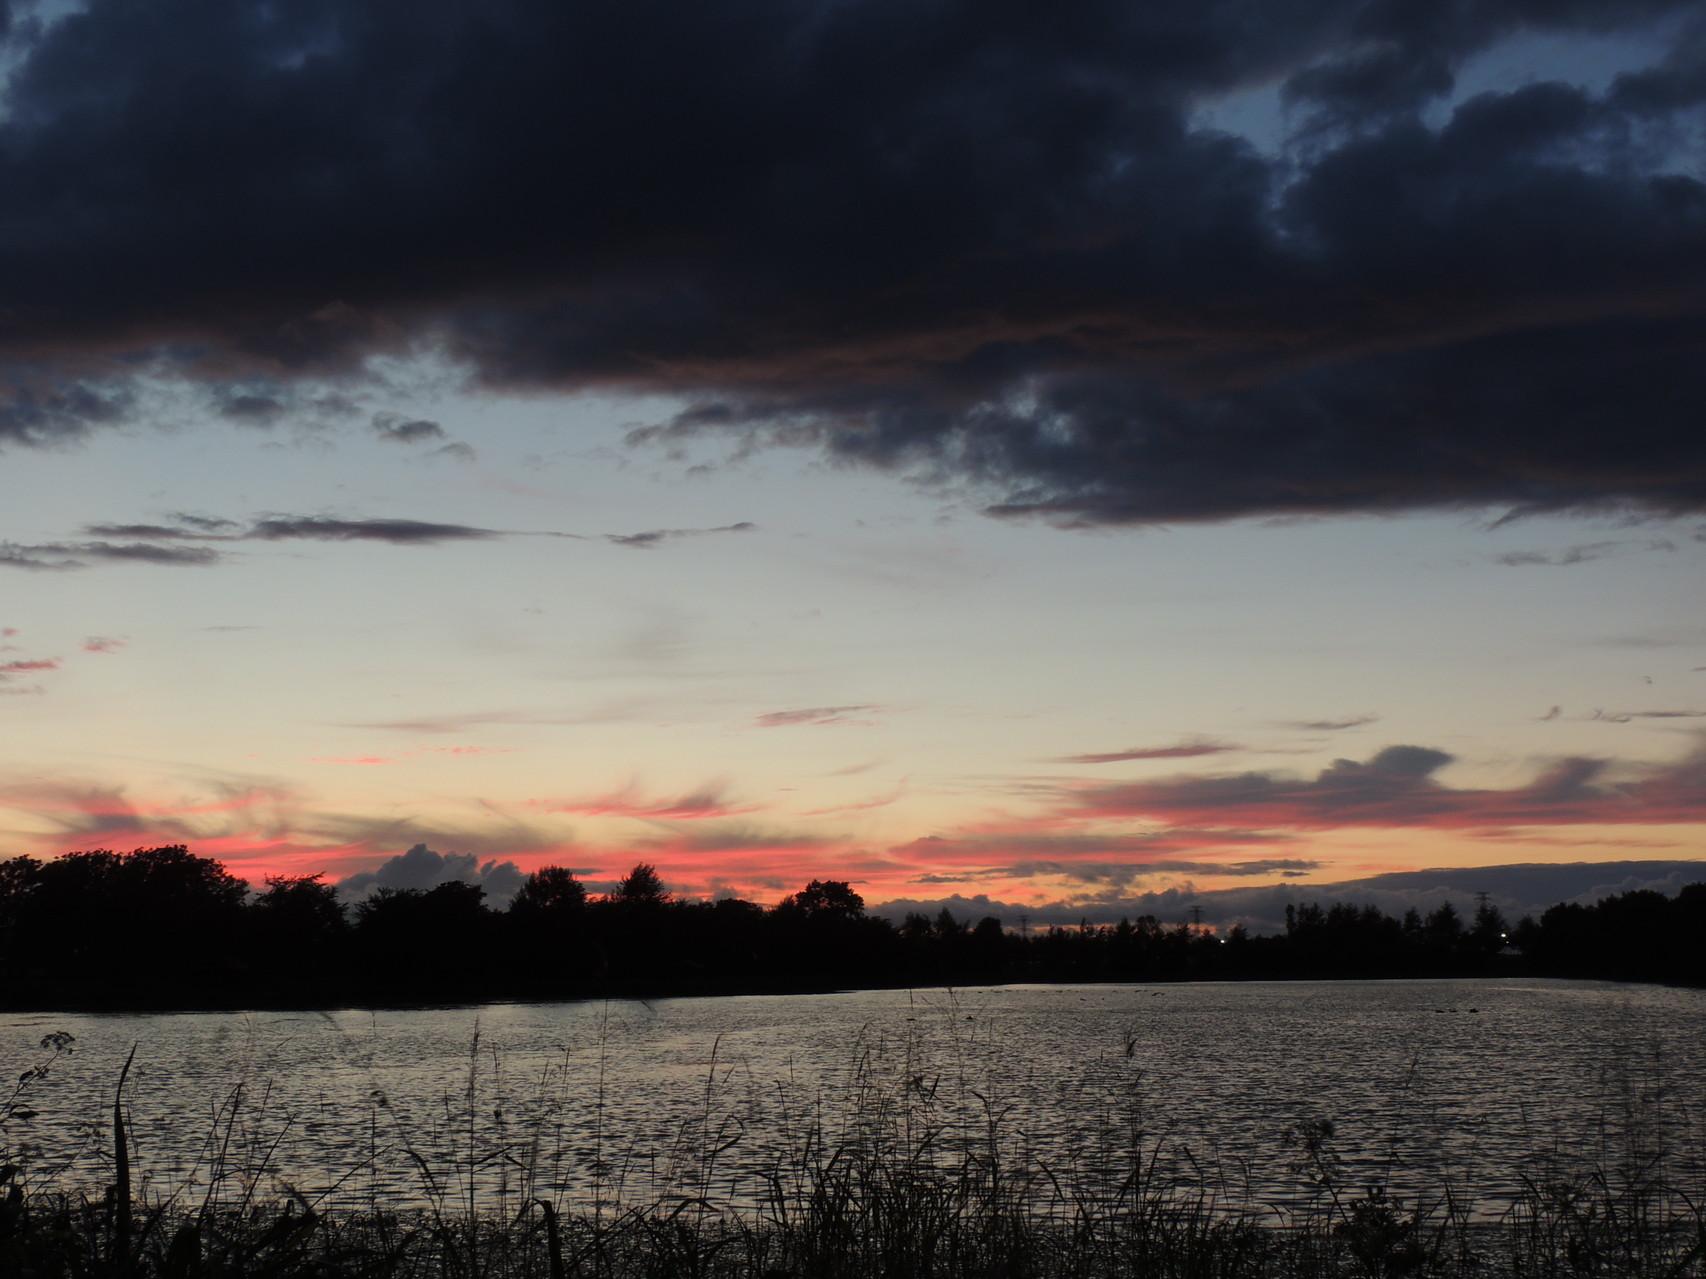 2014.08.14 夏と秋の中間のような夕方です